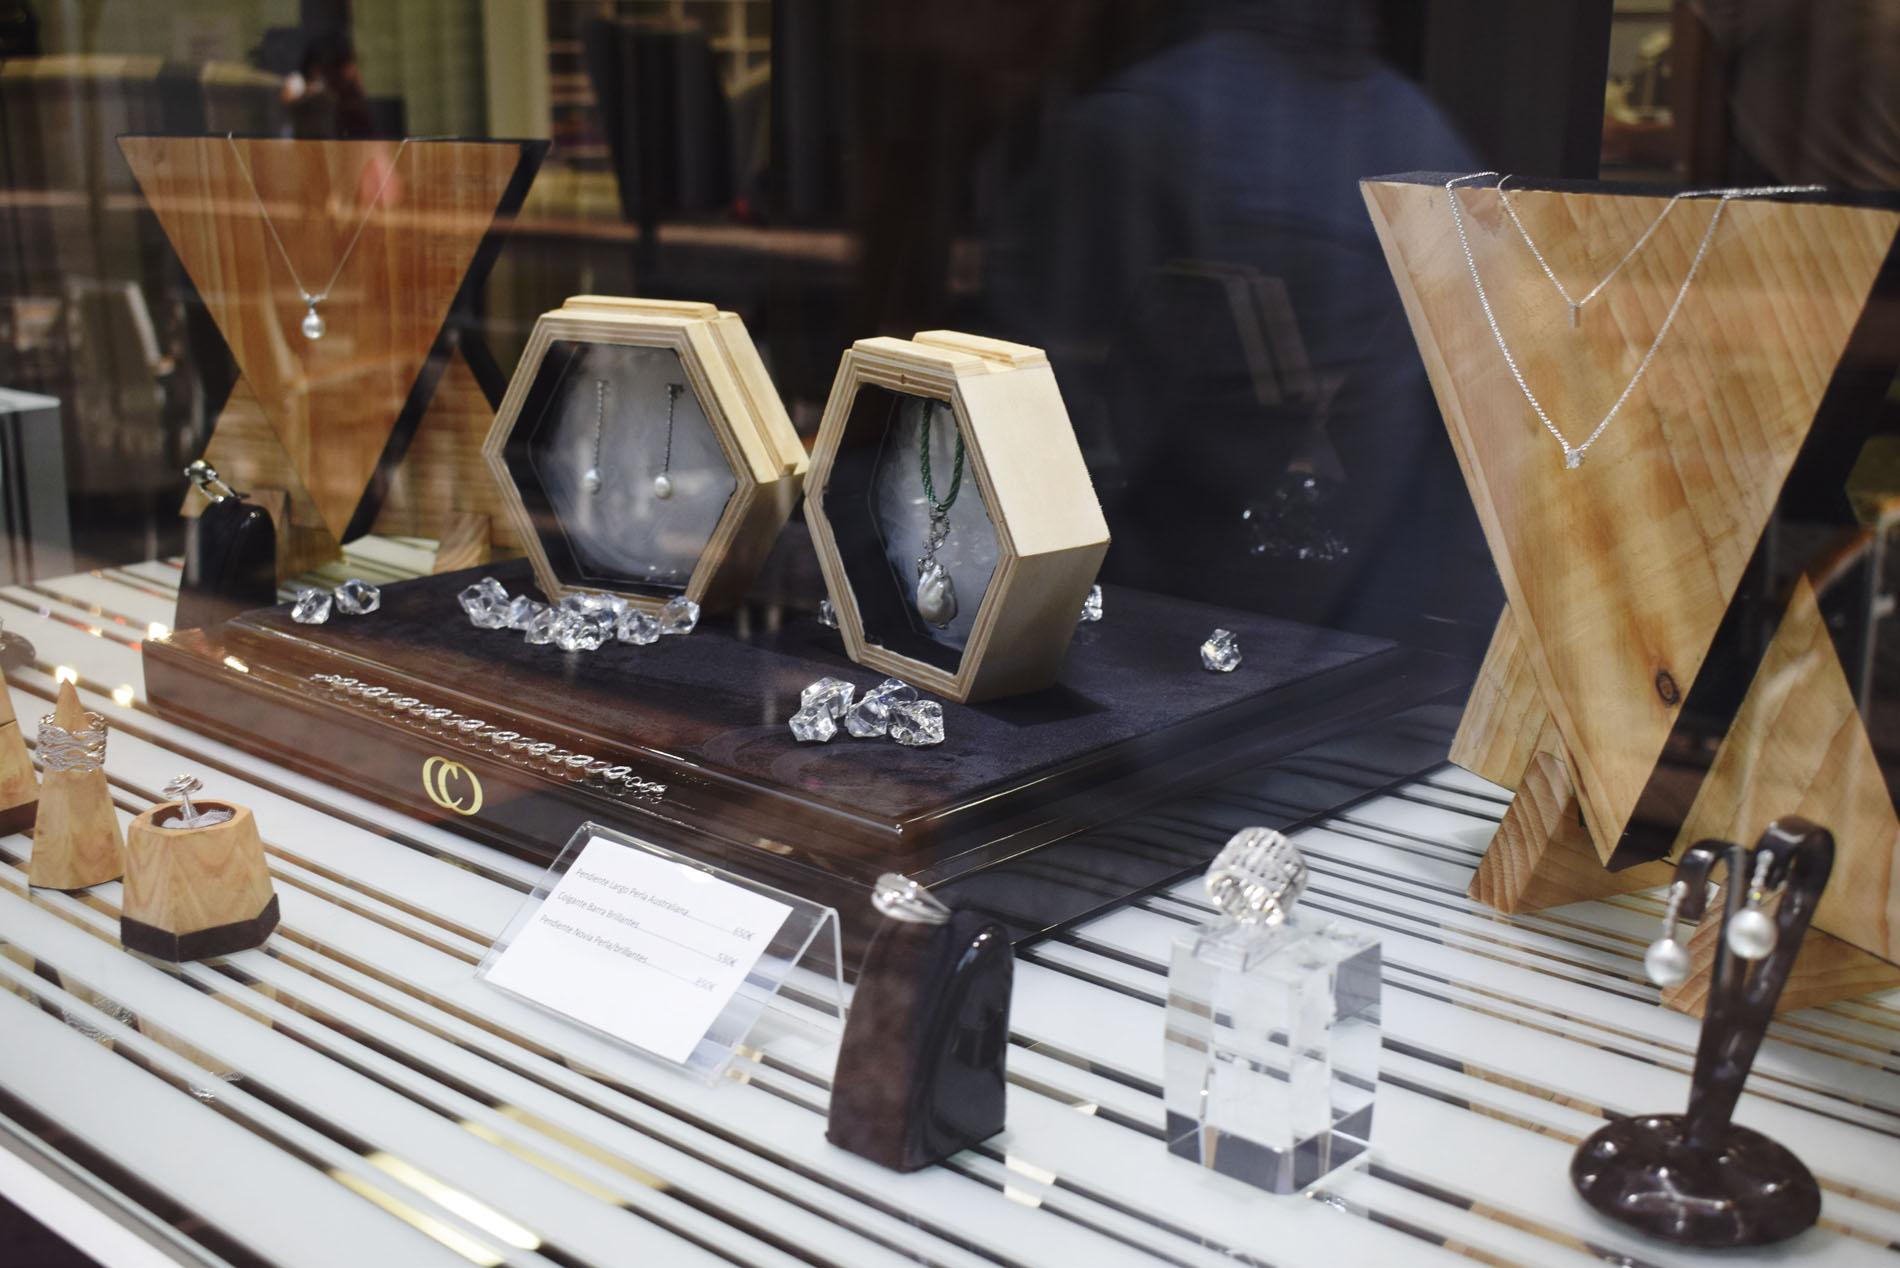 Displays de Joyería en Diseño de Producto